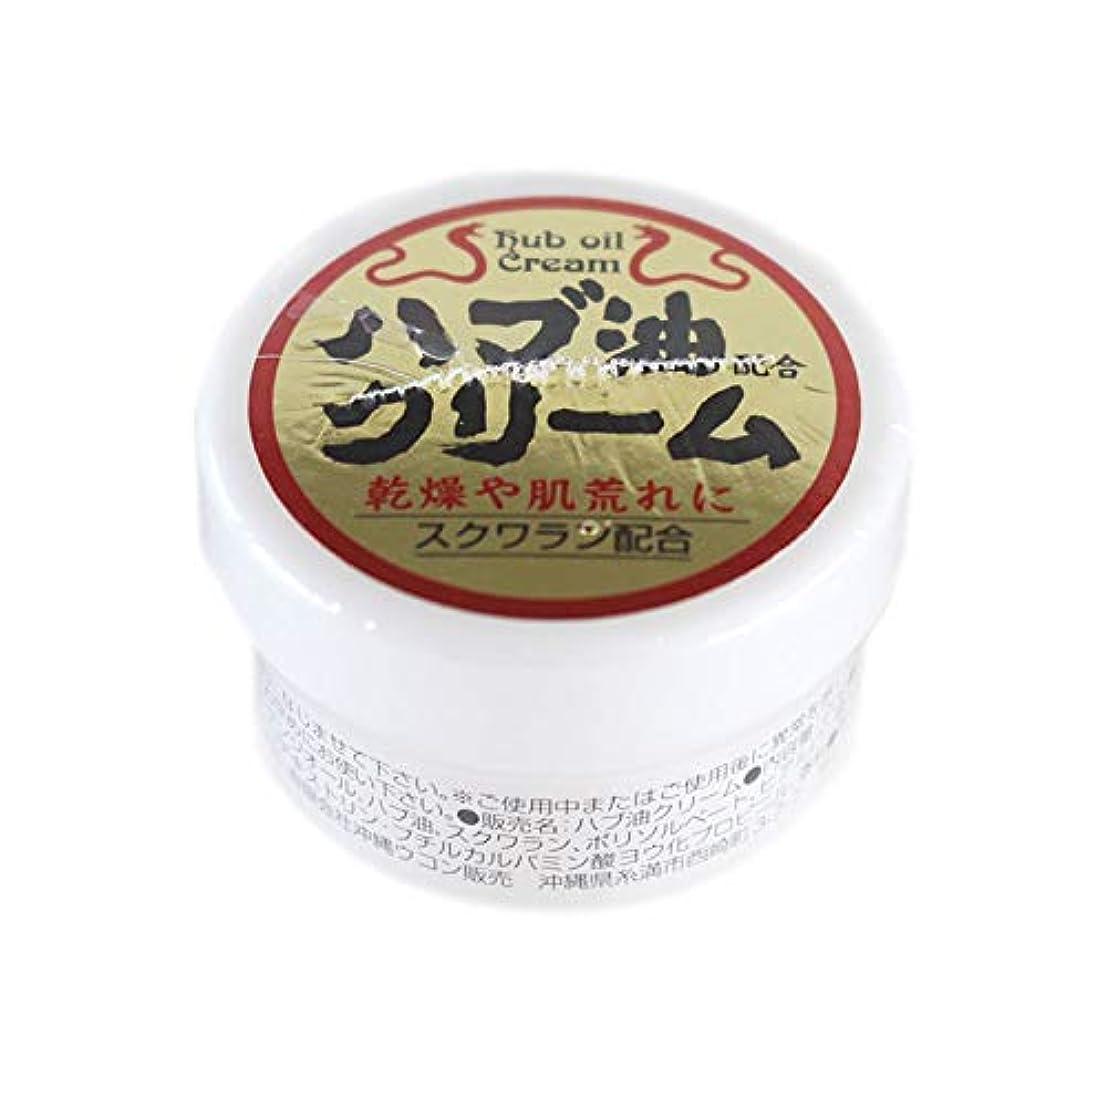 ハブ油配合クリーム 5個【1個?20g】